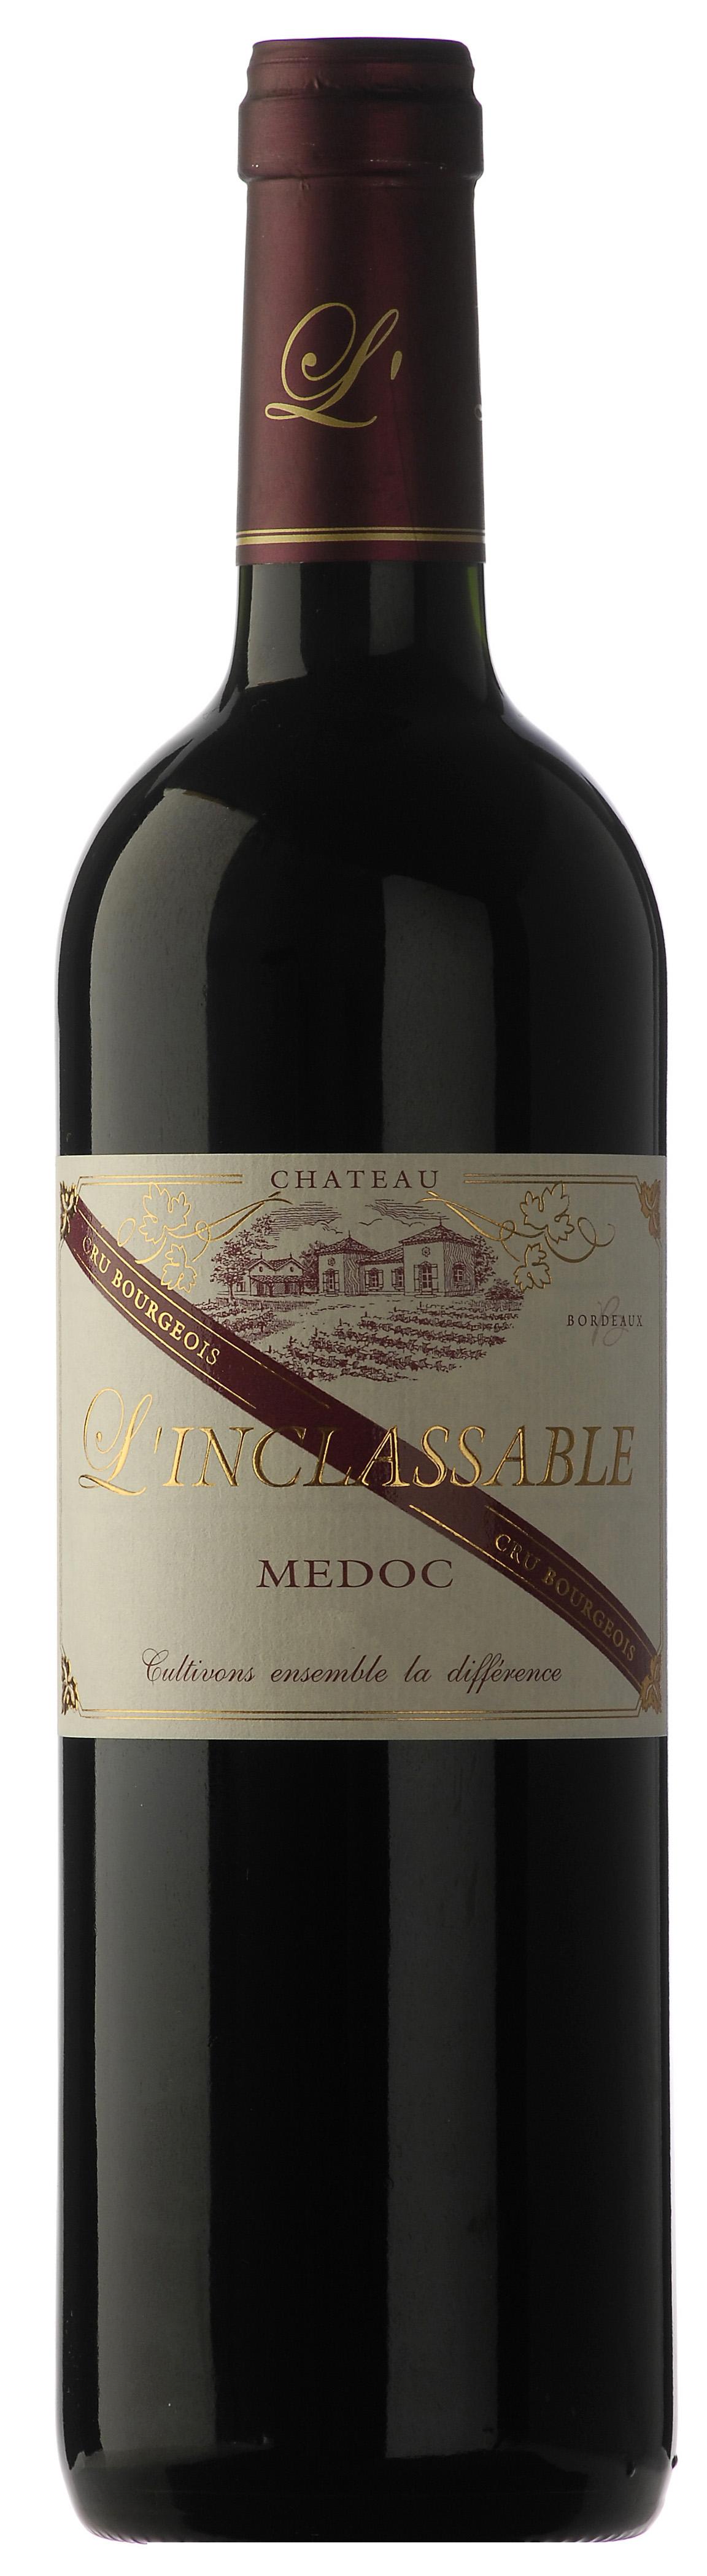 Château l'Inclassable 2012